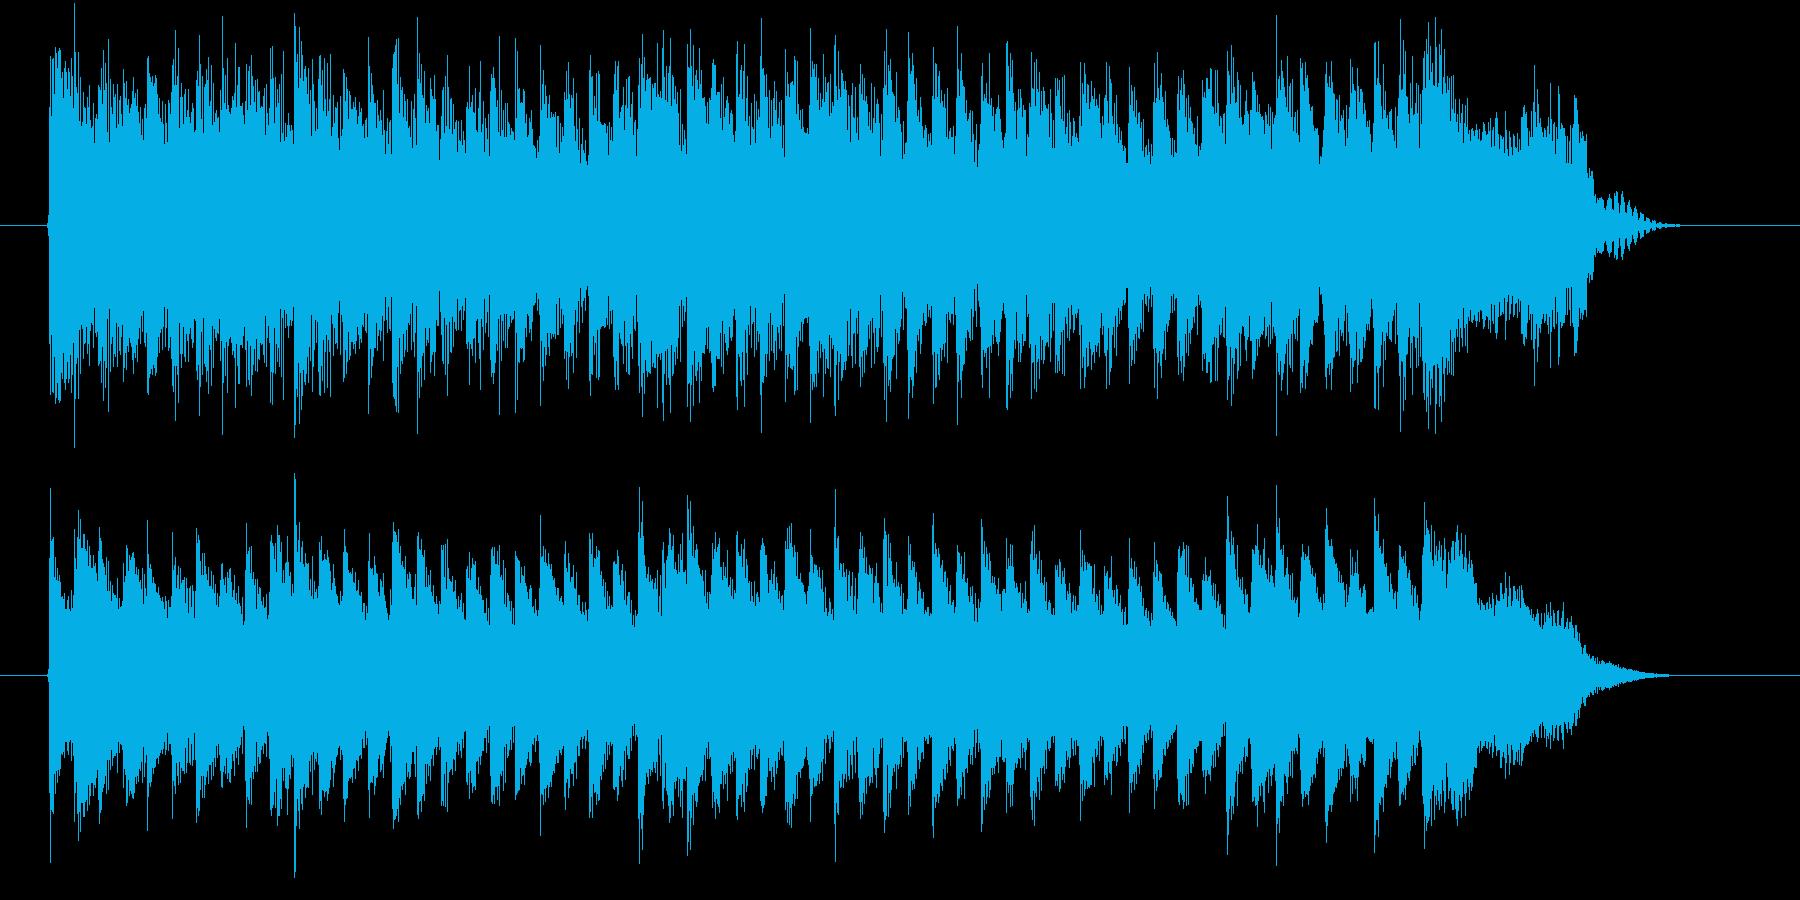 シンキングタイム等に使えるジングルの再生済みの波形